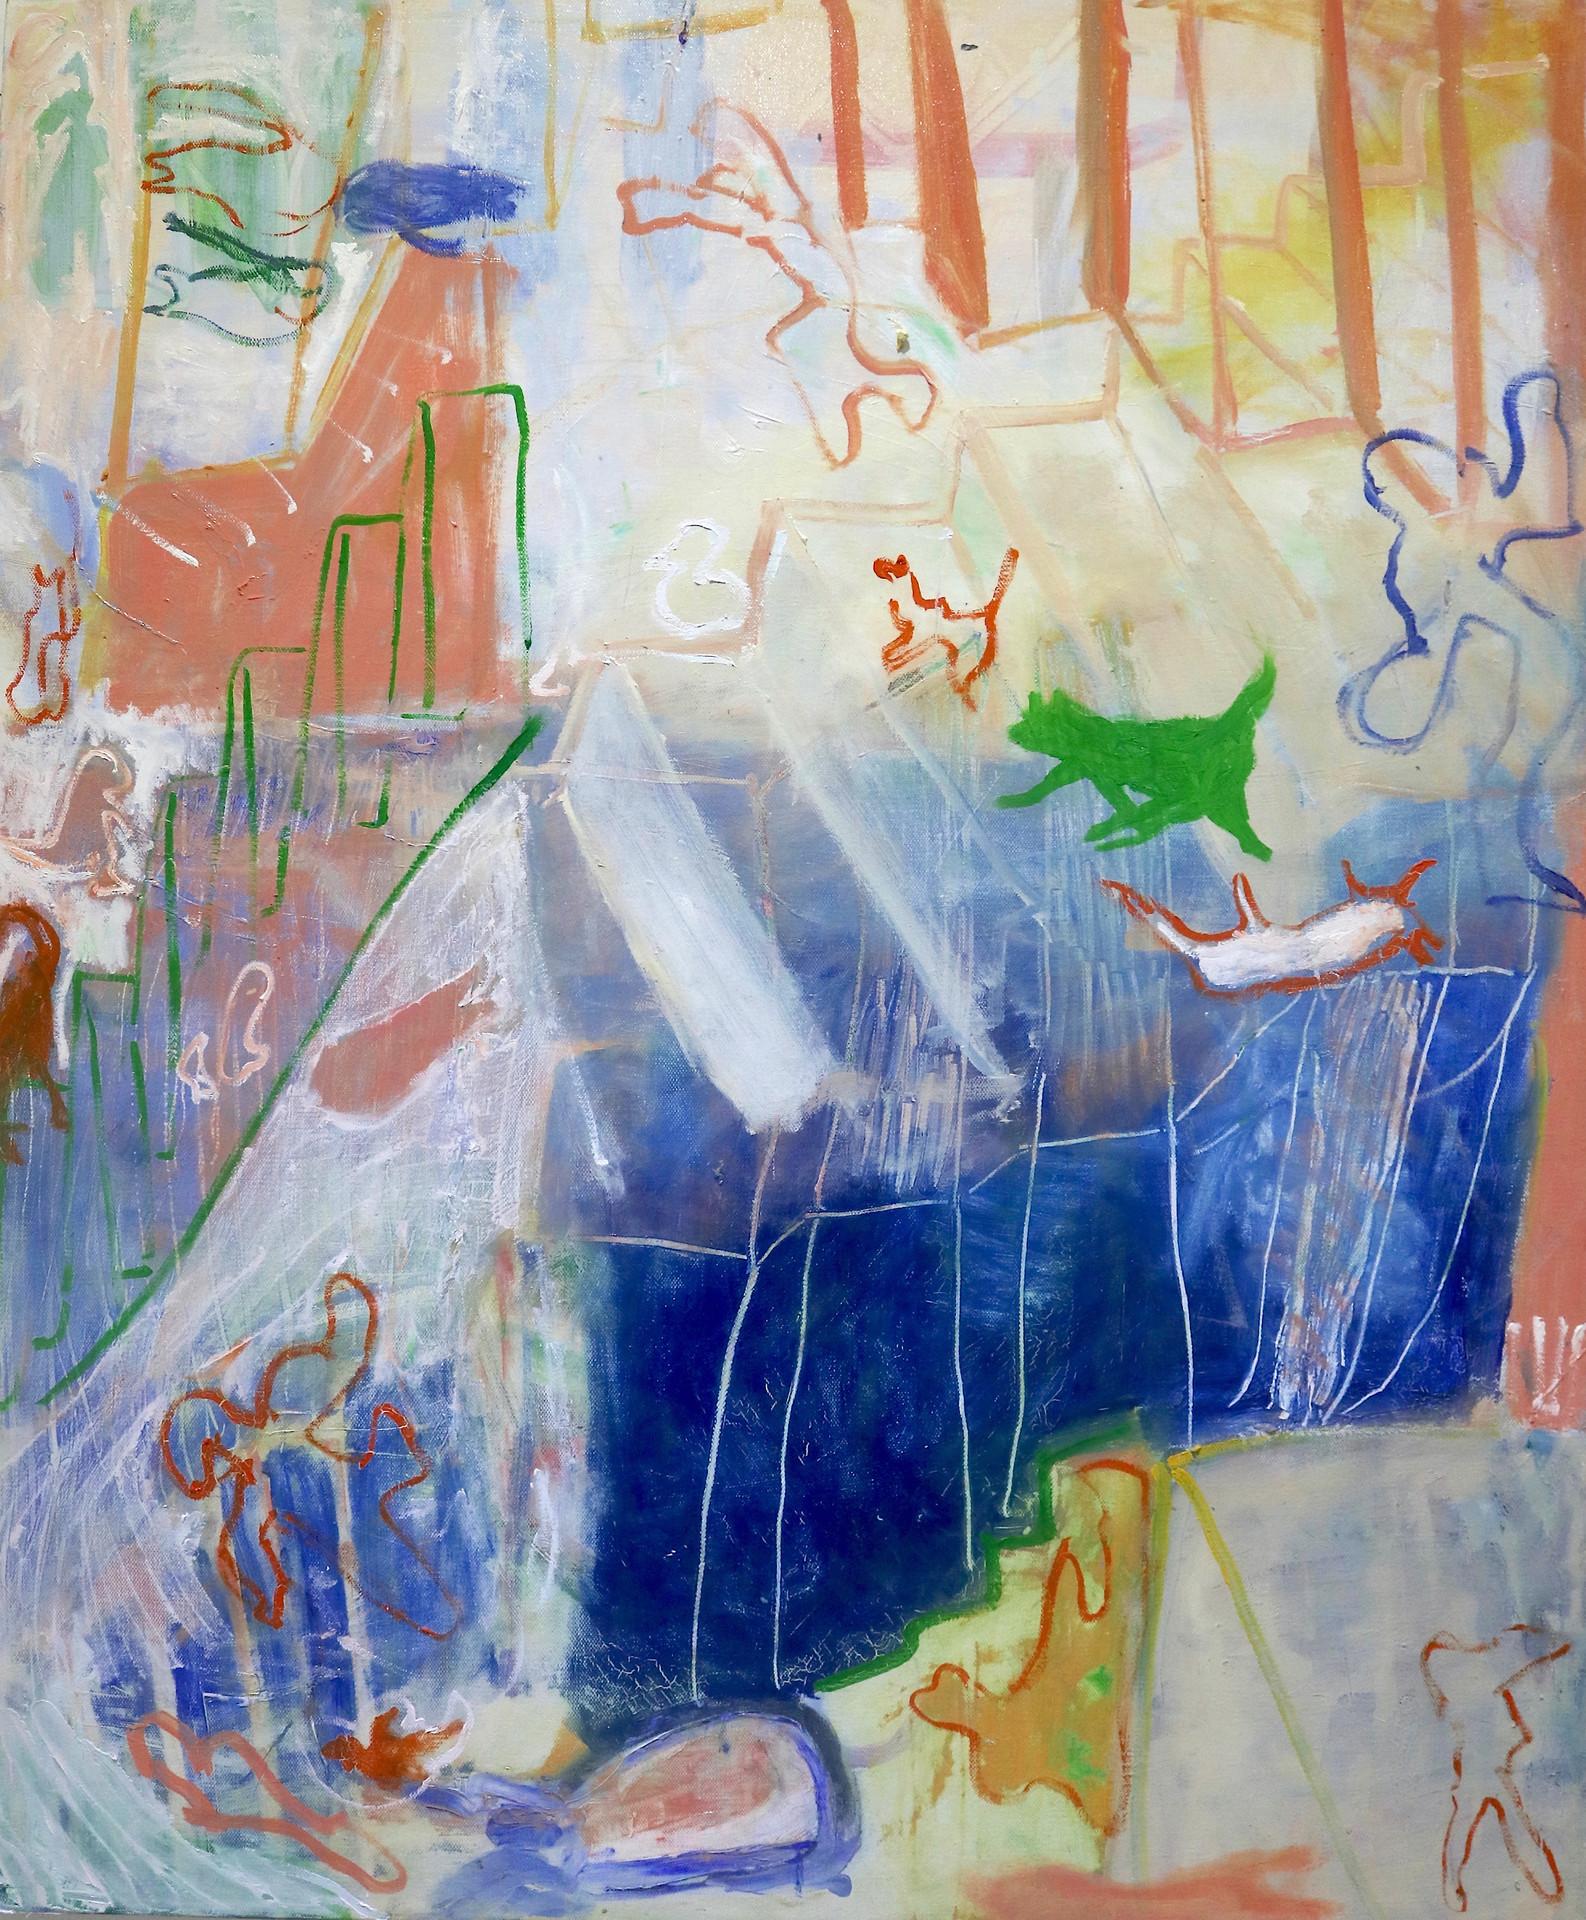 Up, Down, Ascend, Descend, 2019, oil on canvas, 120 x 100 cm